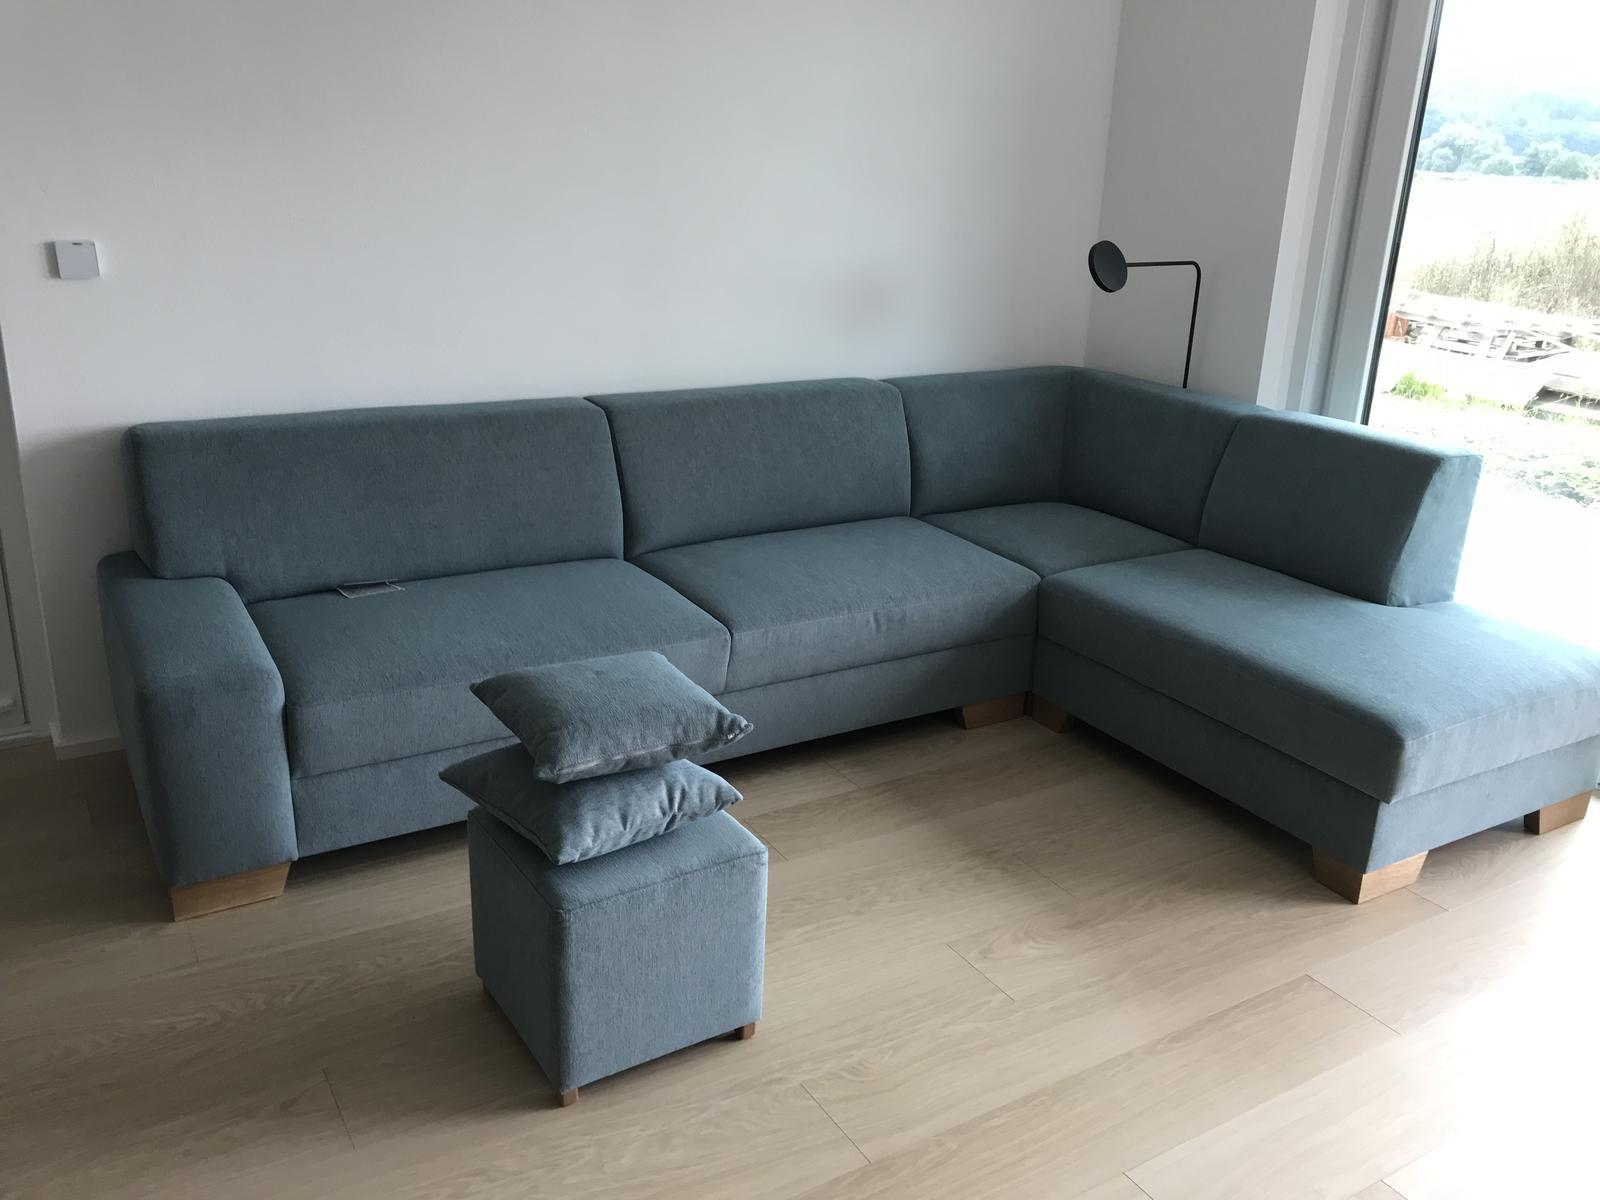 SLOVENSKA kvalitna sedacia suprava ZAPRA - Obrázok č. 1